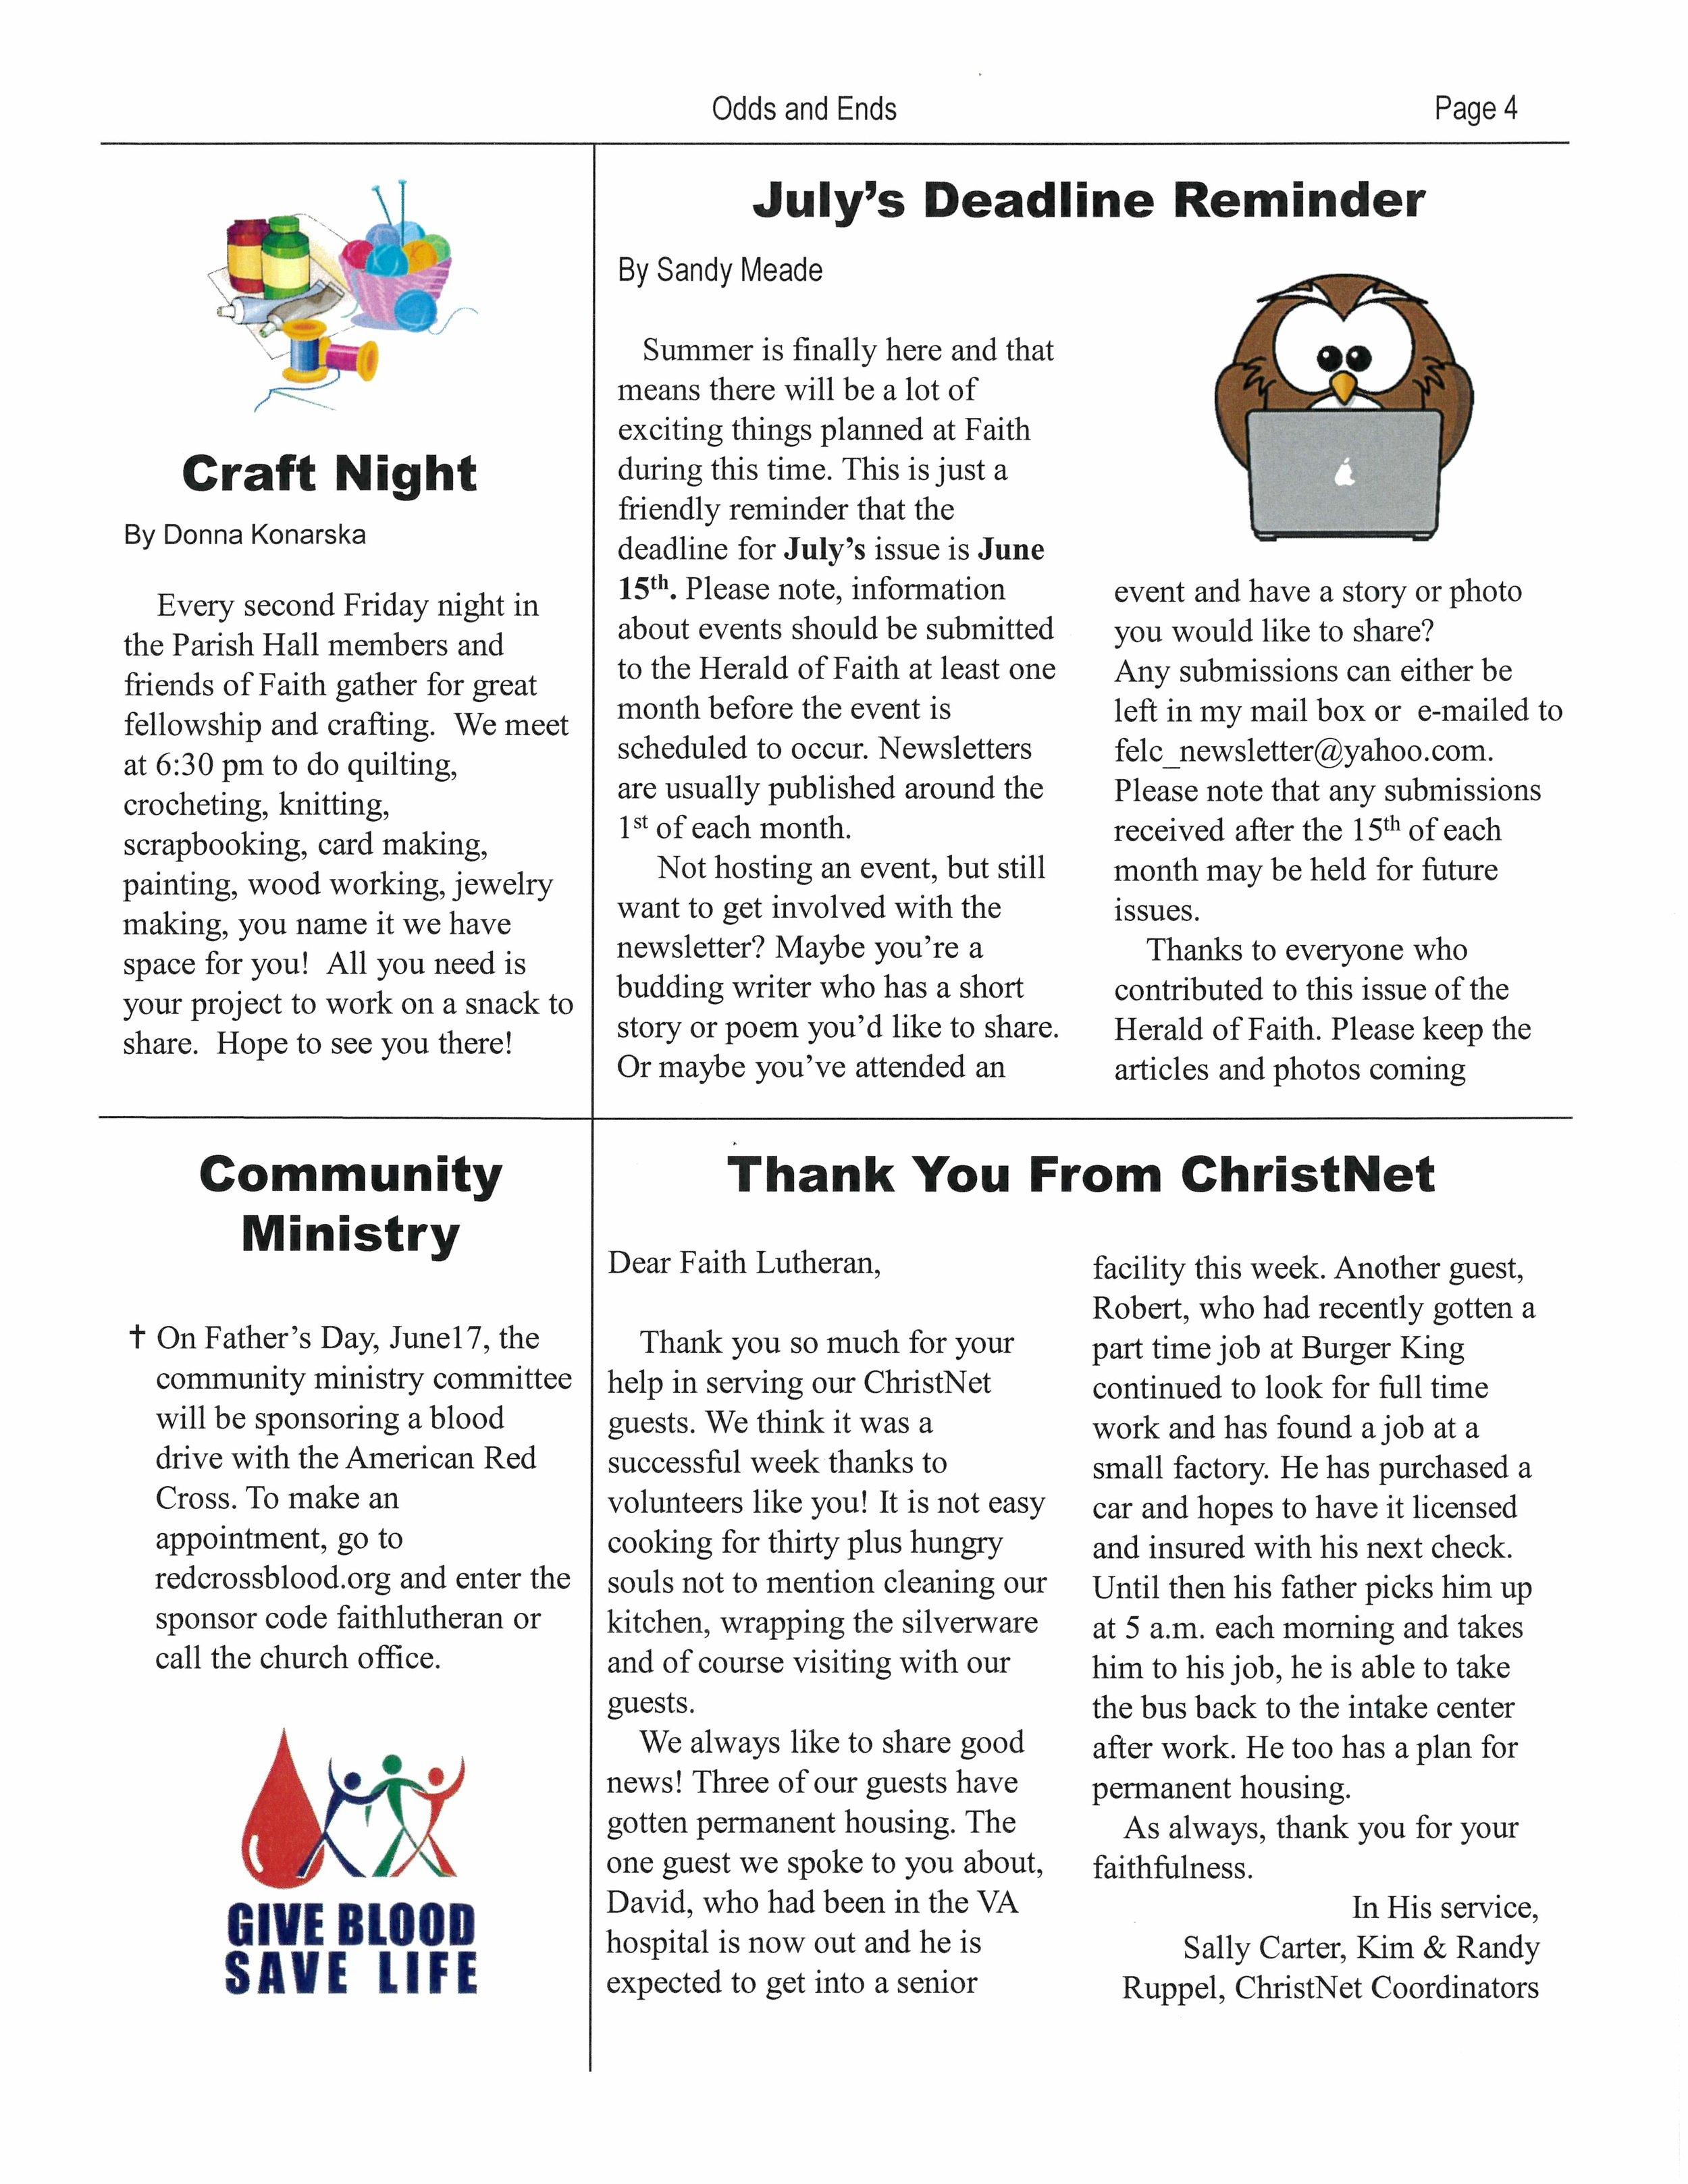 Faith Lutheran Scans_0004.jpg